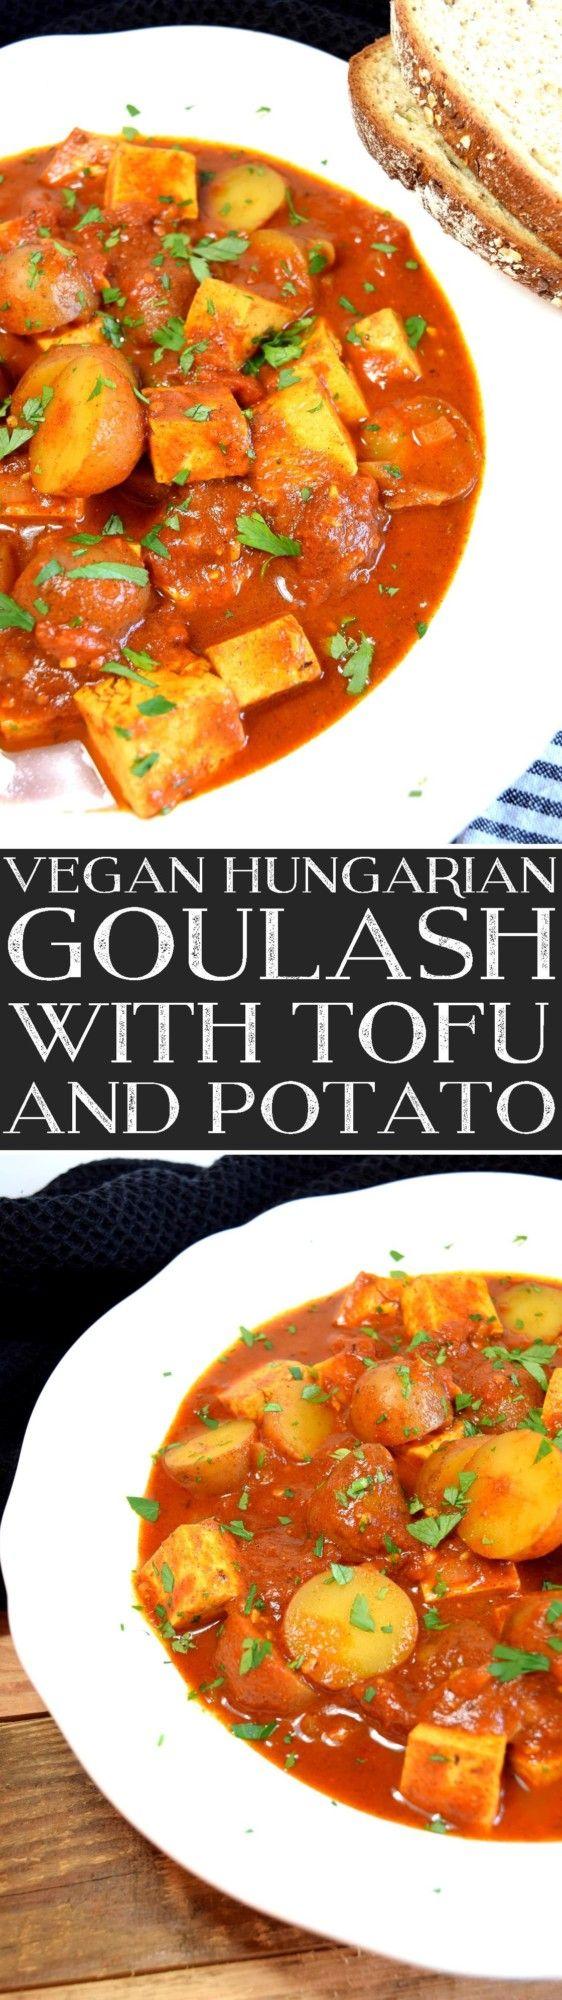 Vegan Hungarian Goulash with Tofu and Potato